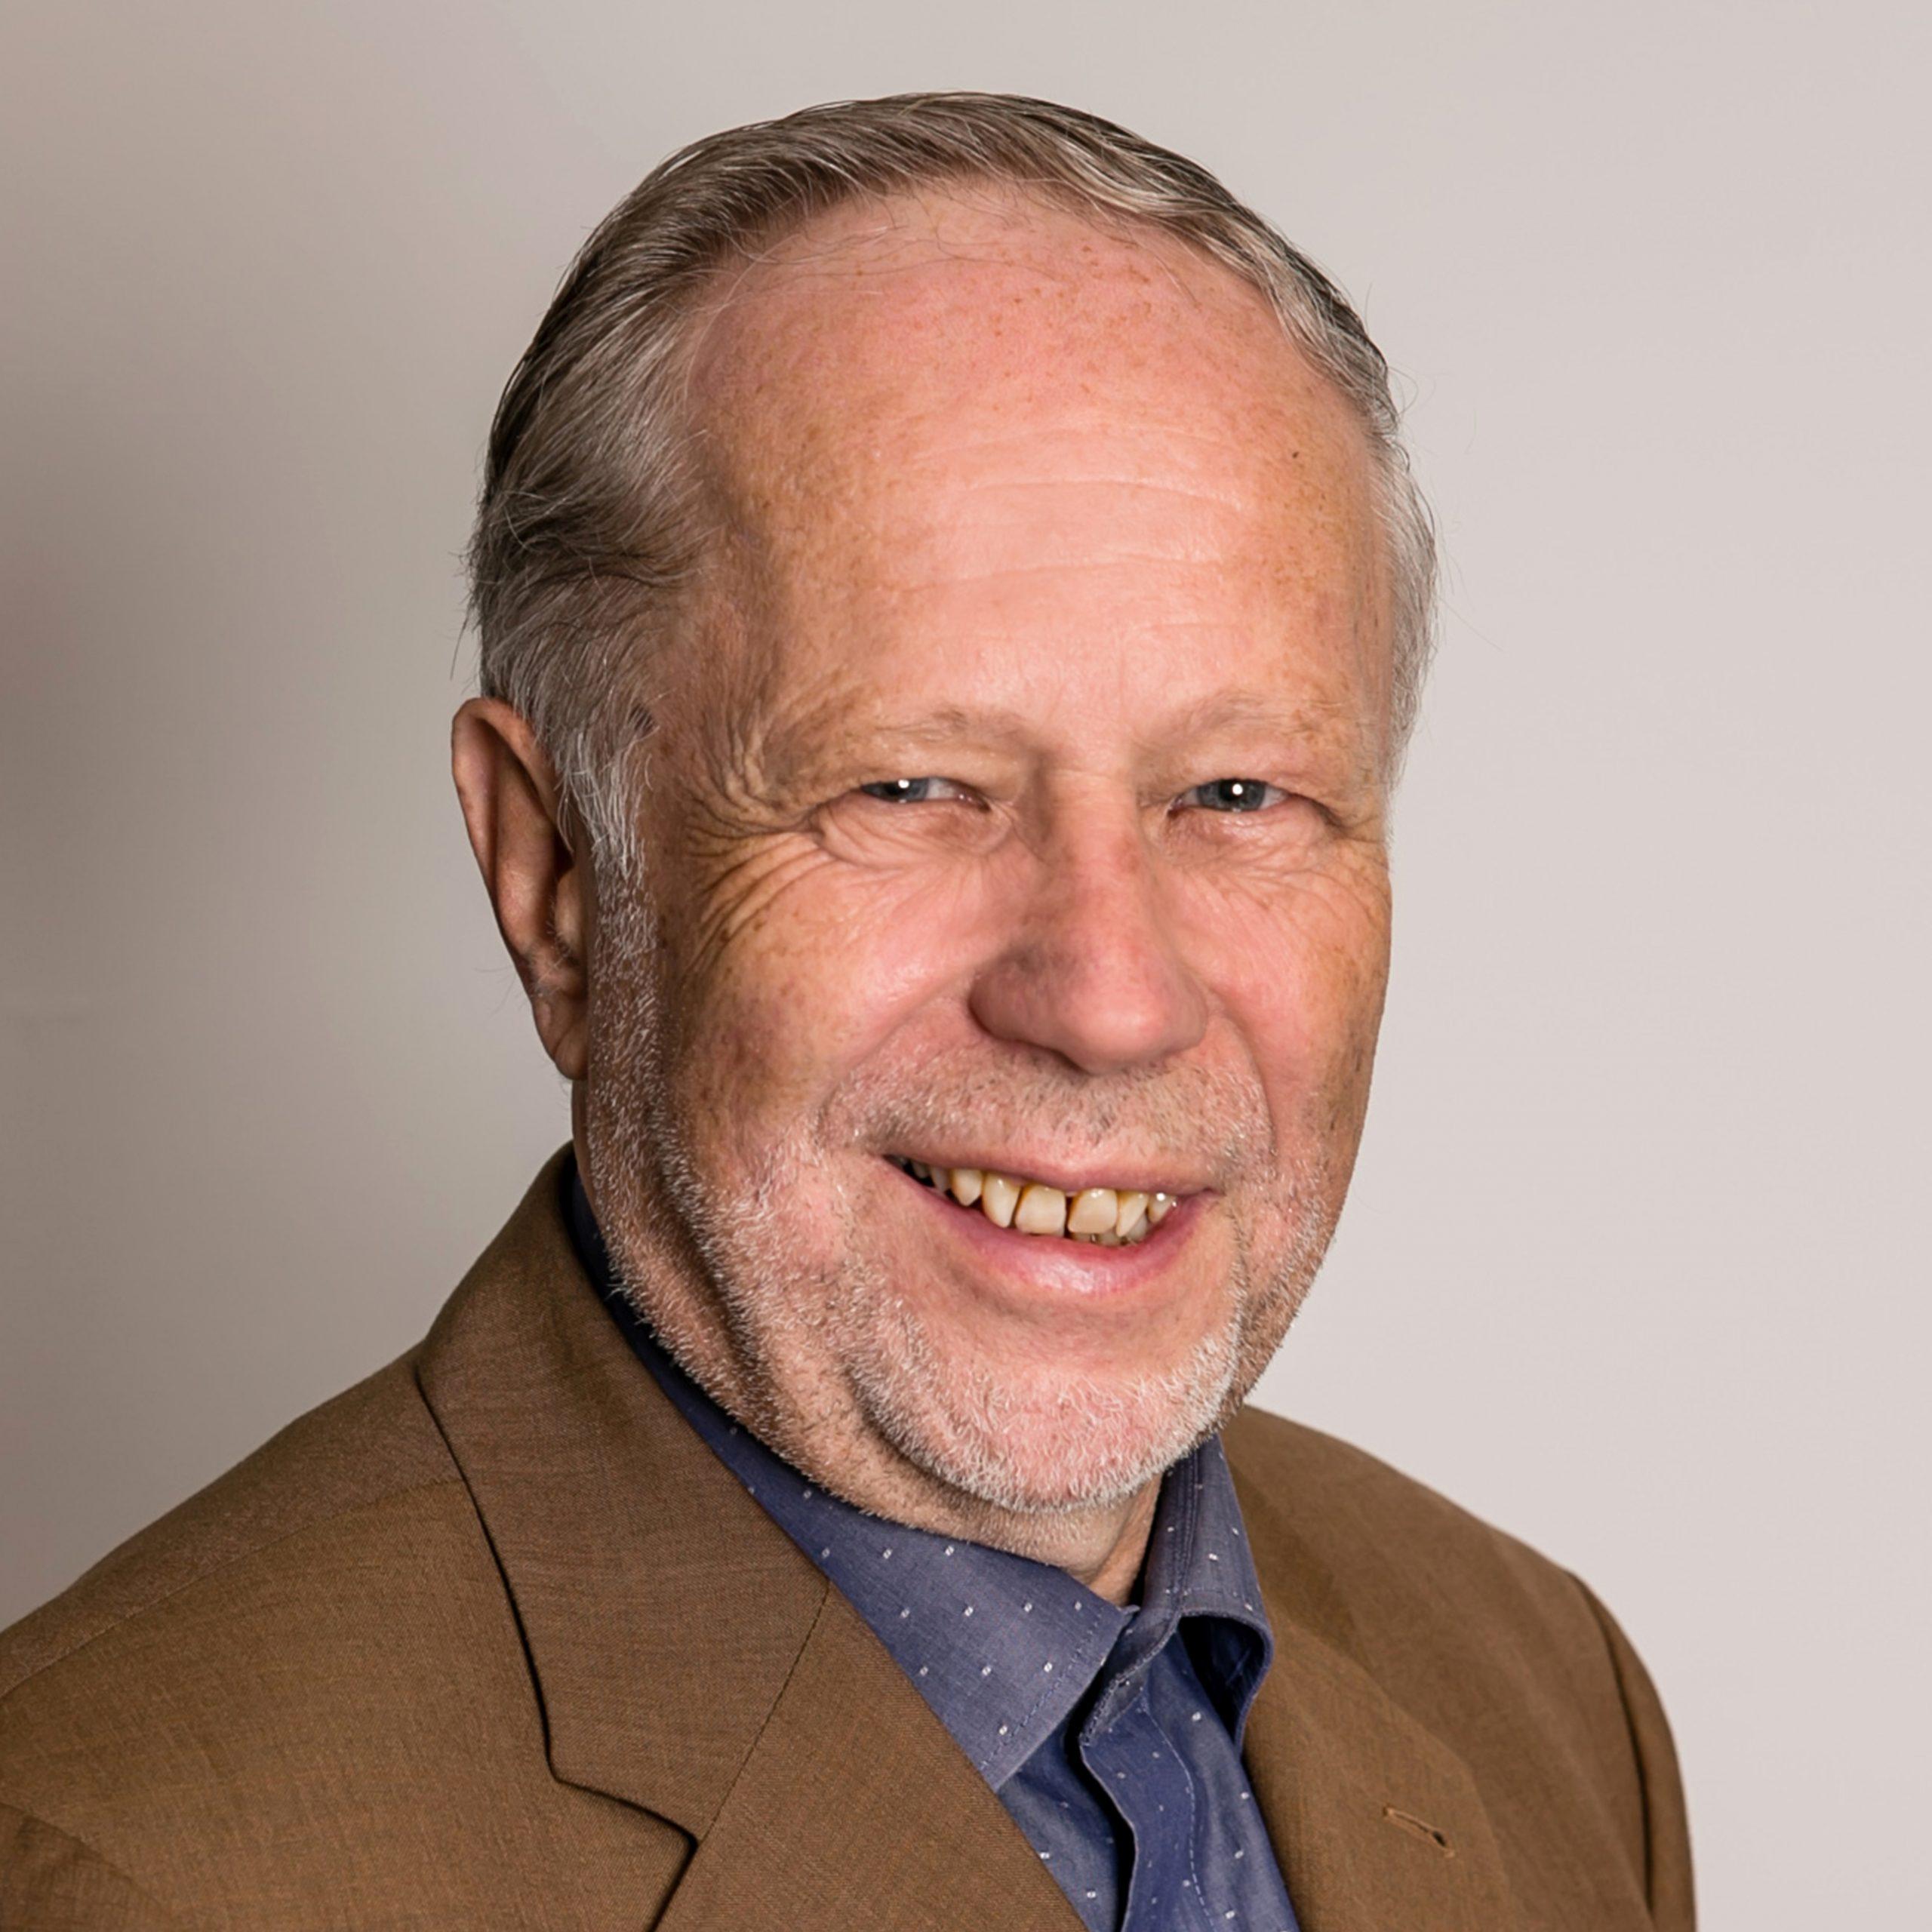 Günter Pelloth